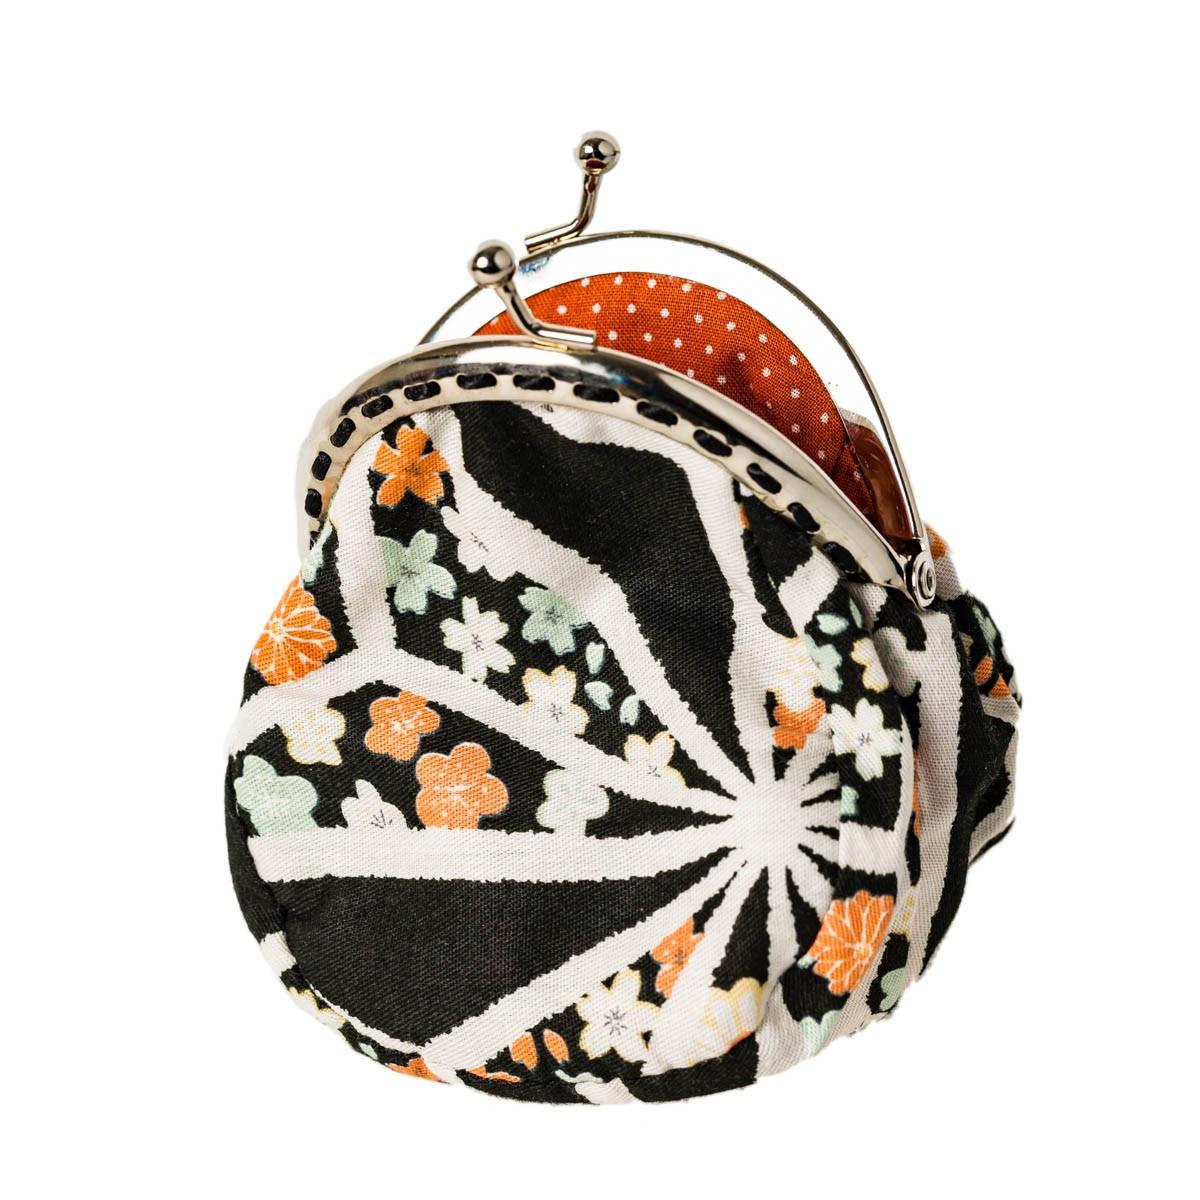 Porte-monnaie clip rétro noir orange